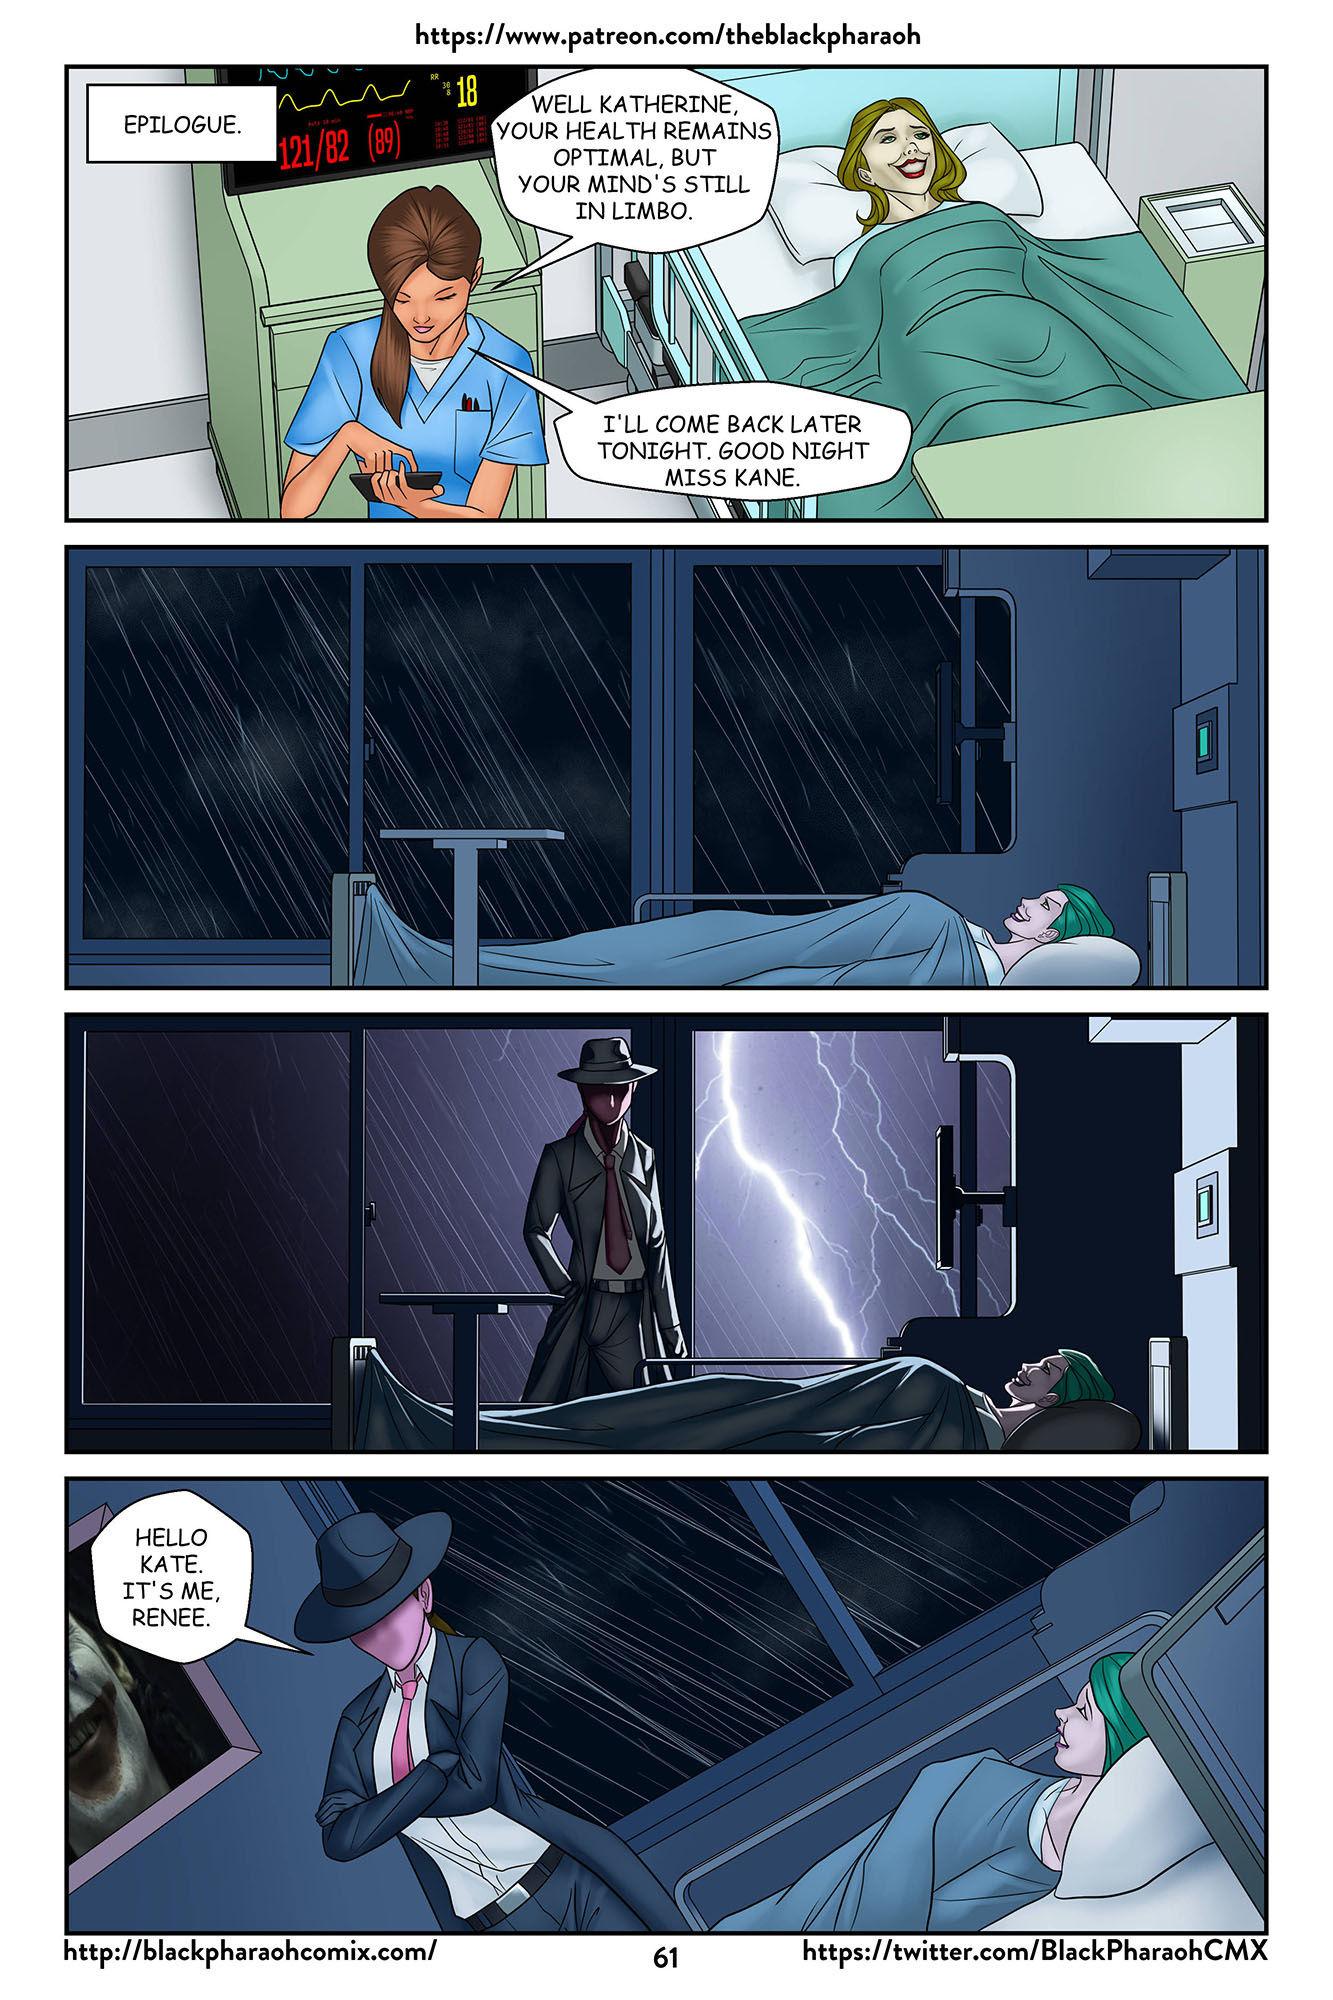 The inner joke porn comic picture 61